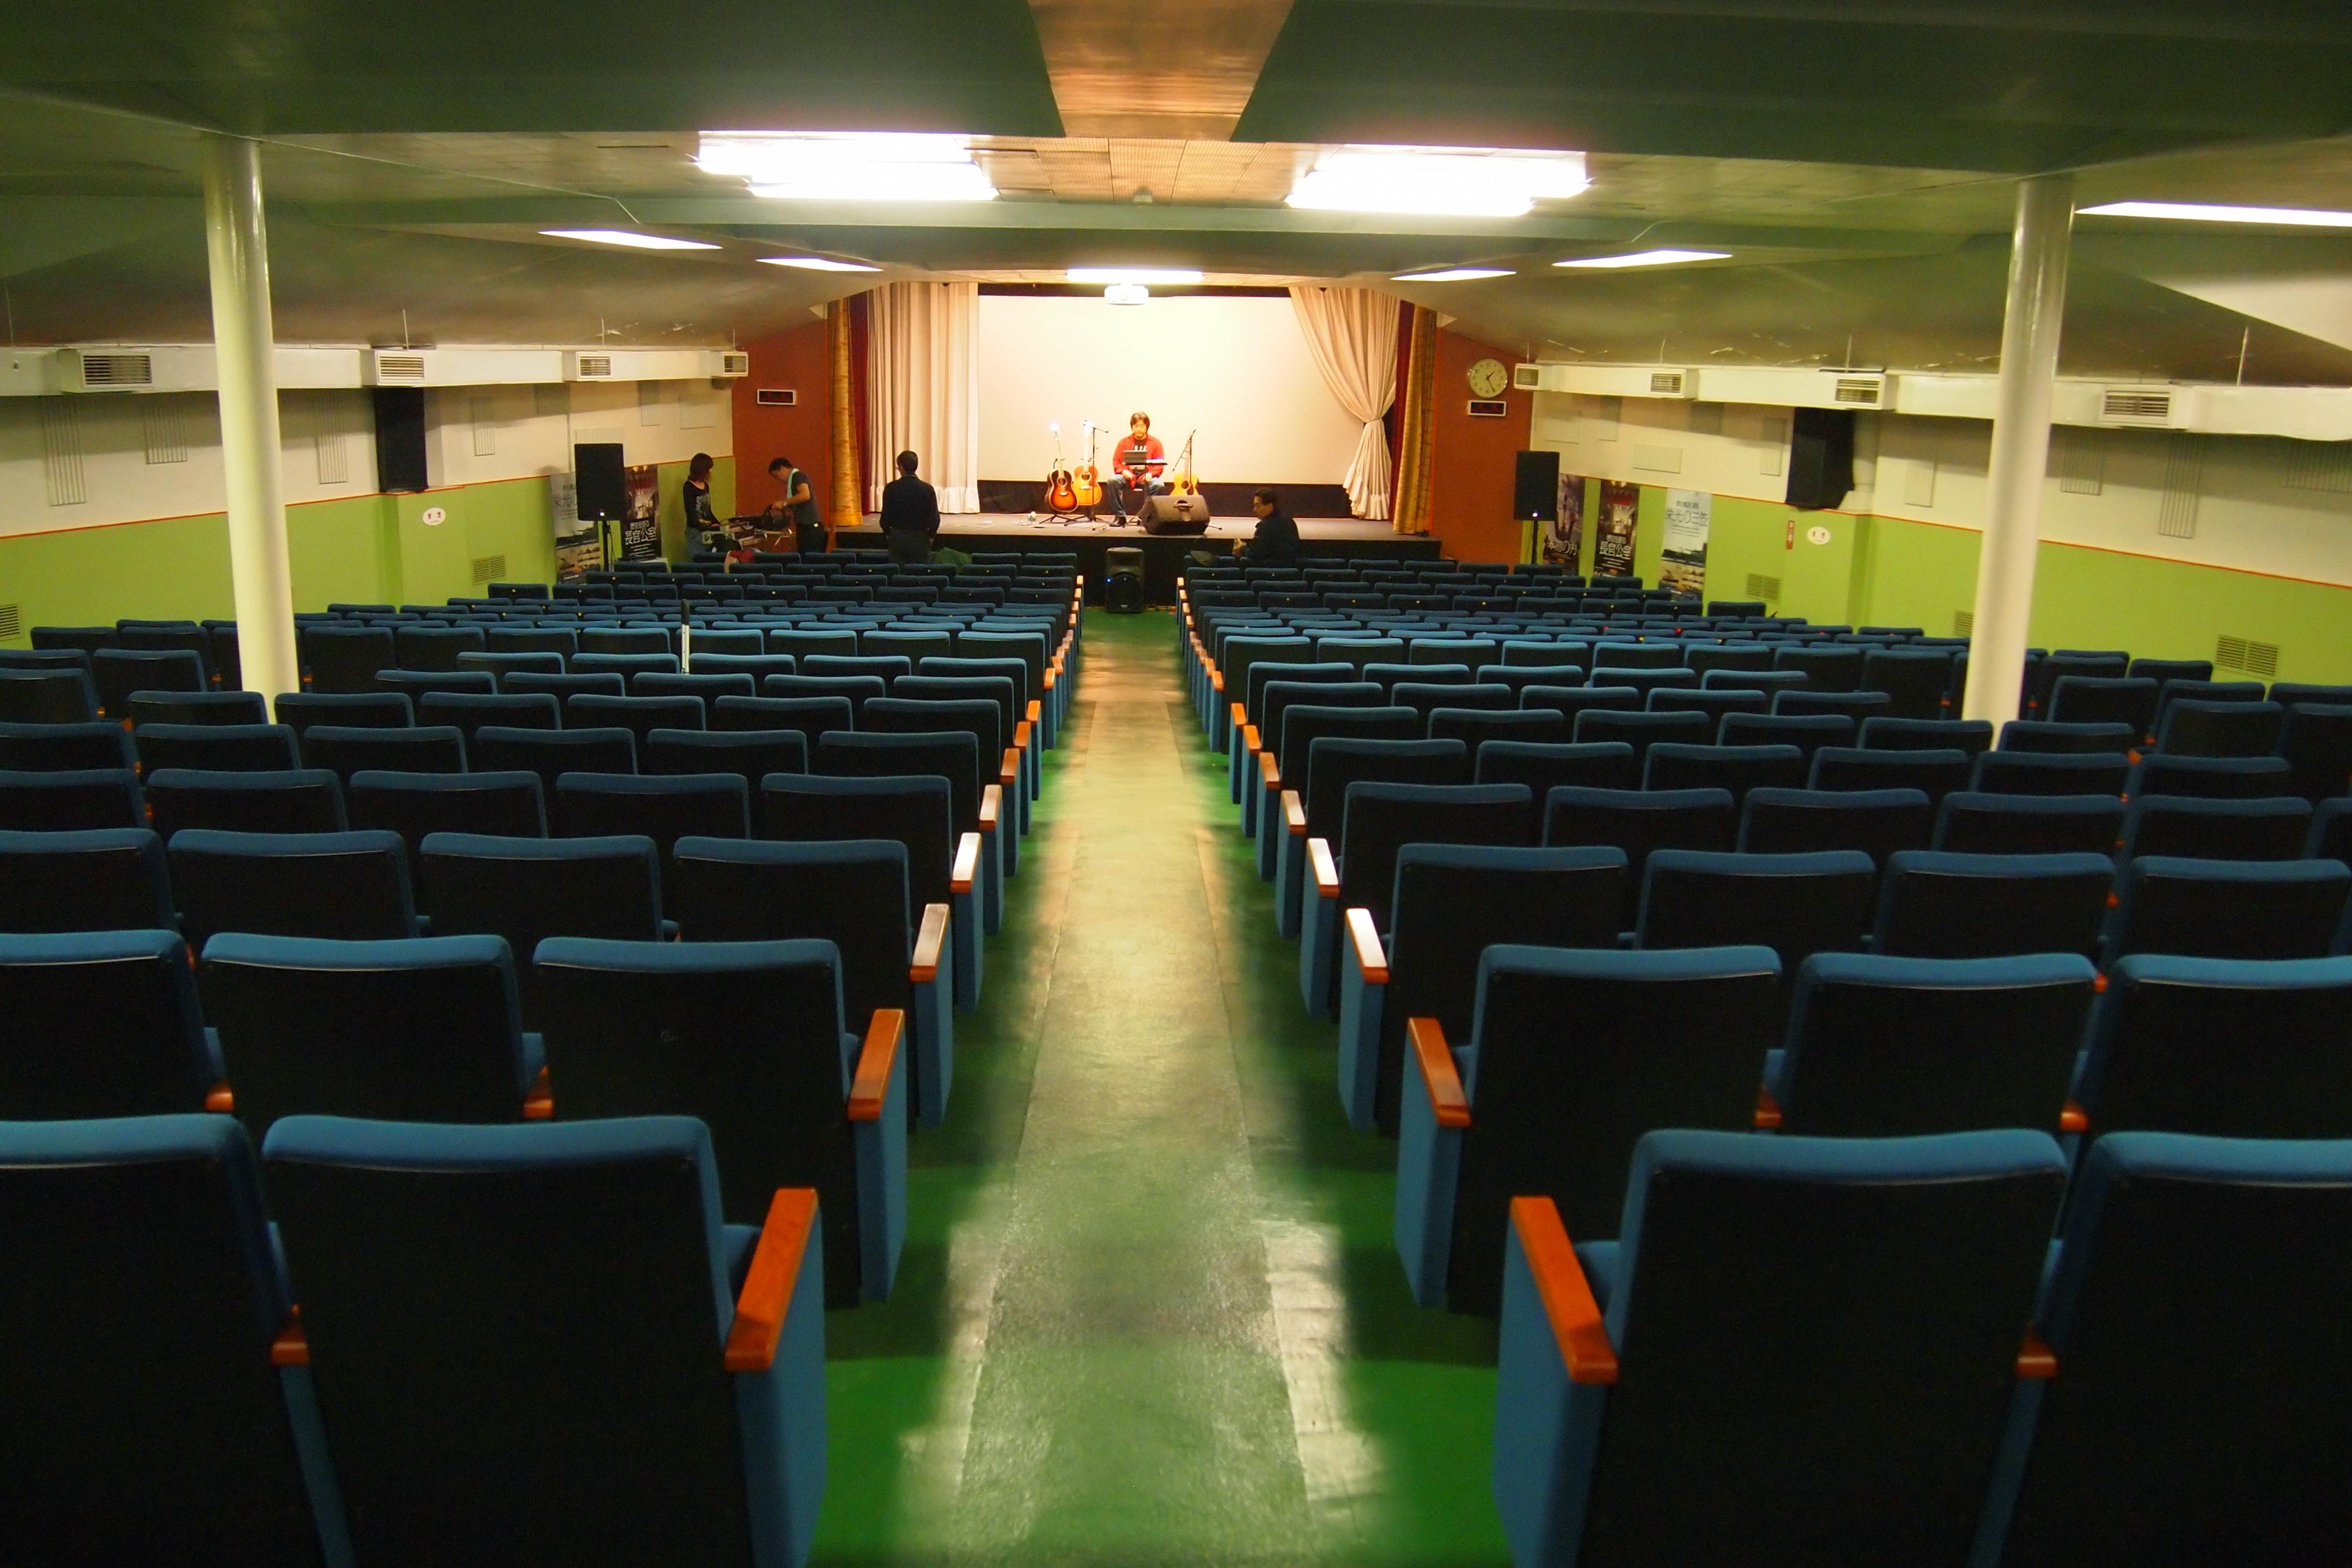 船首甲板の下に広い講堂があります。三笠でのコンサートは初めてとか。